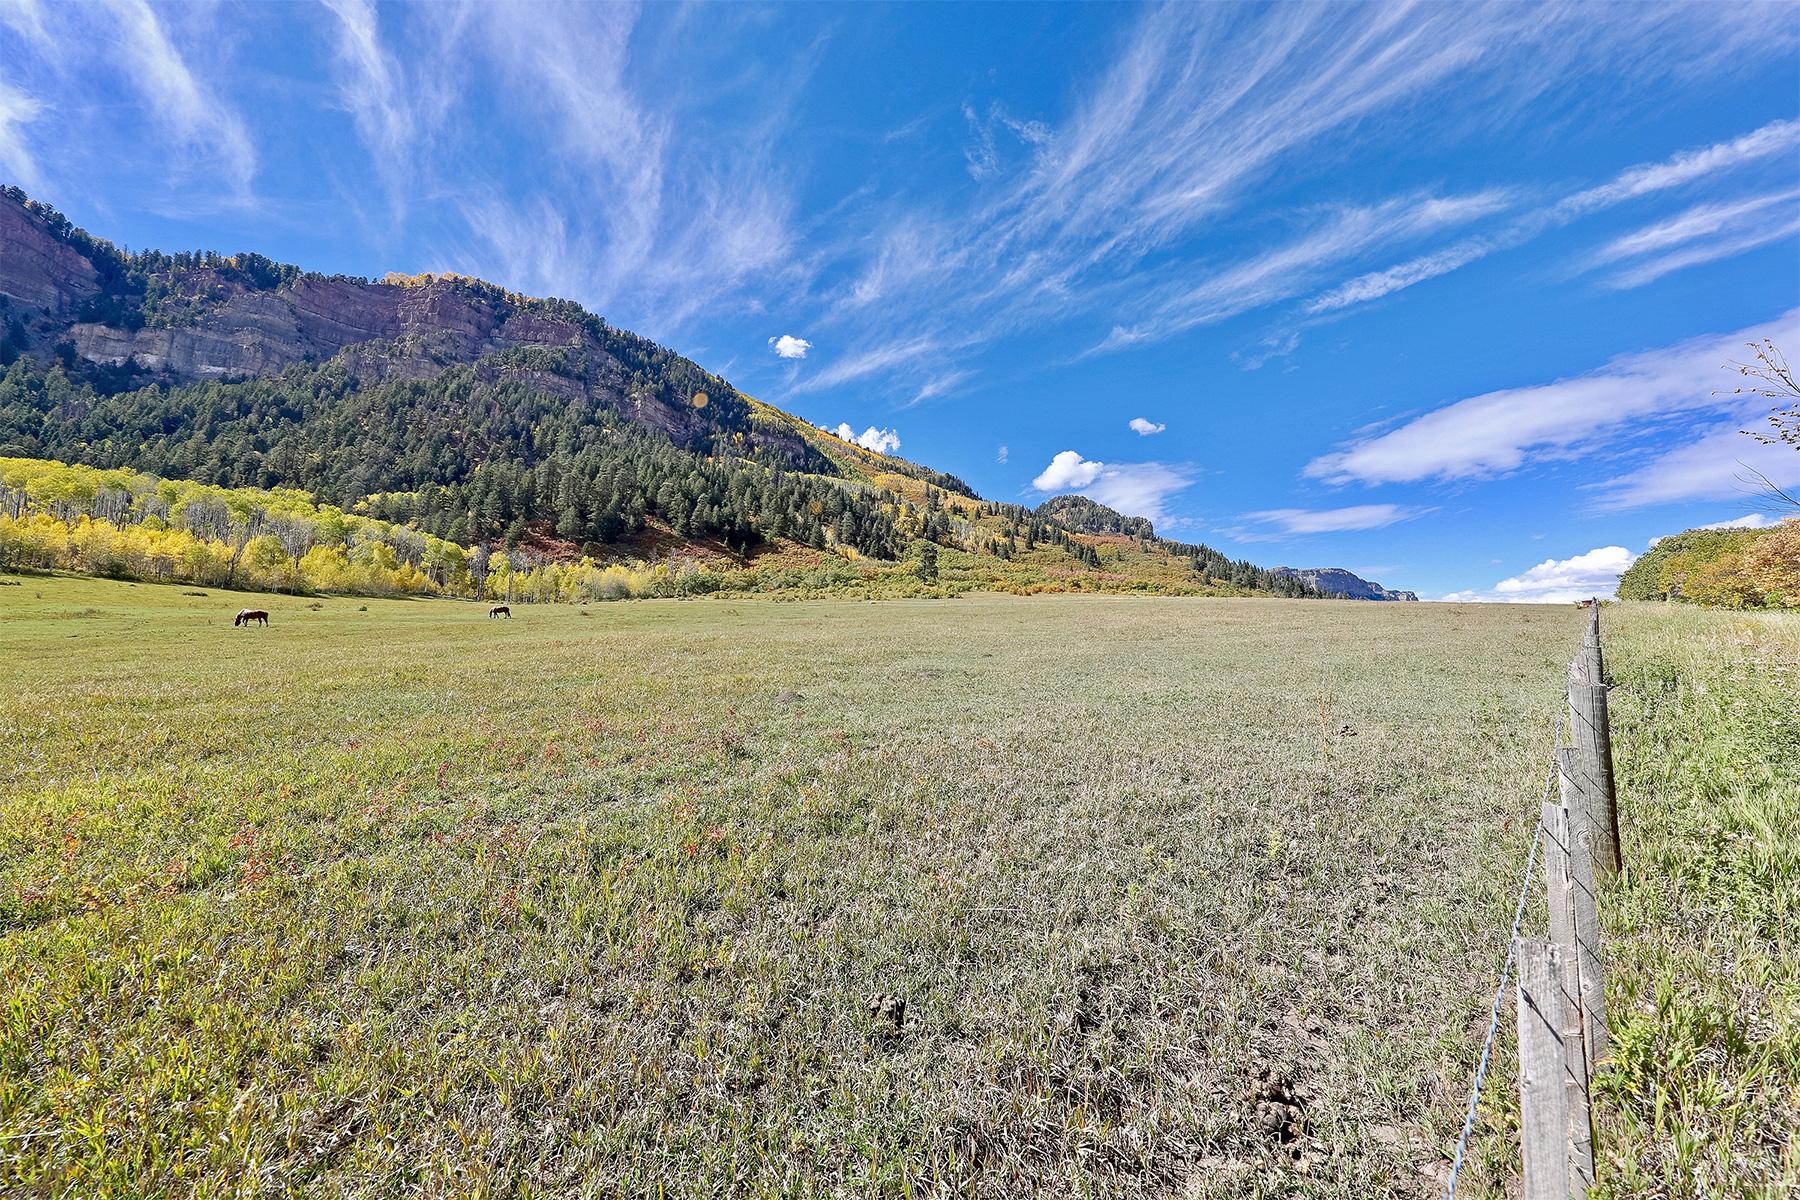 Terreno por un Venta en Montagna I TBD N US Hwy 550 Montagna I Durango, Colorado, 81301 Estados Unidos